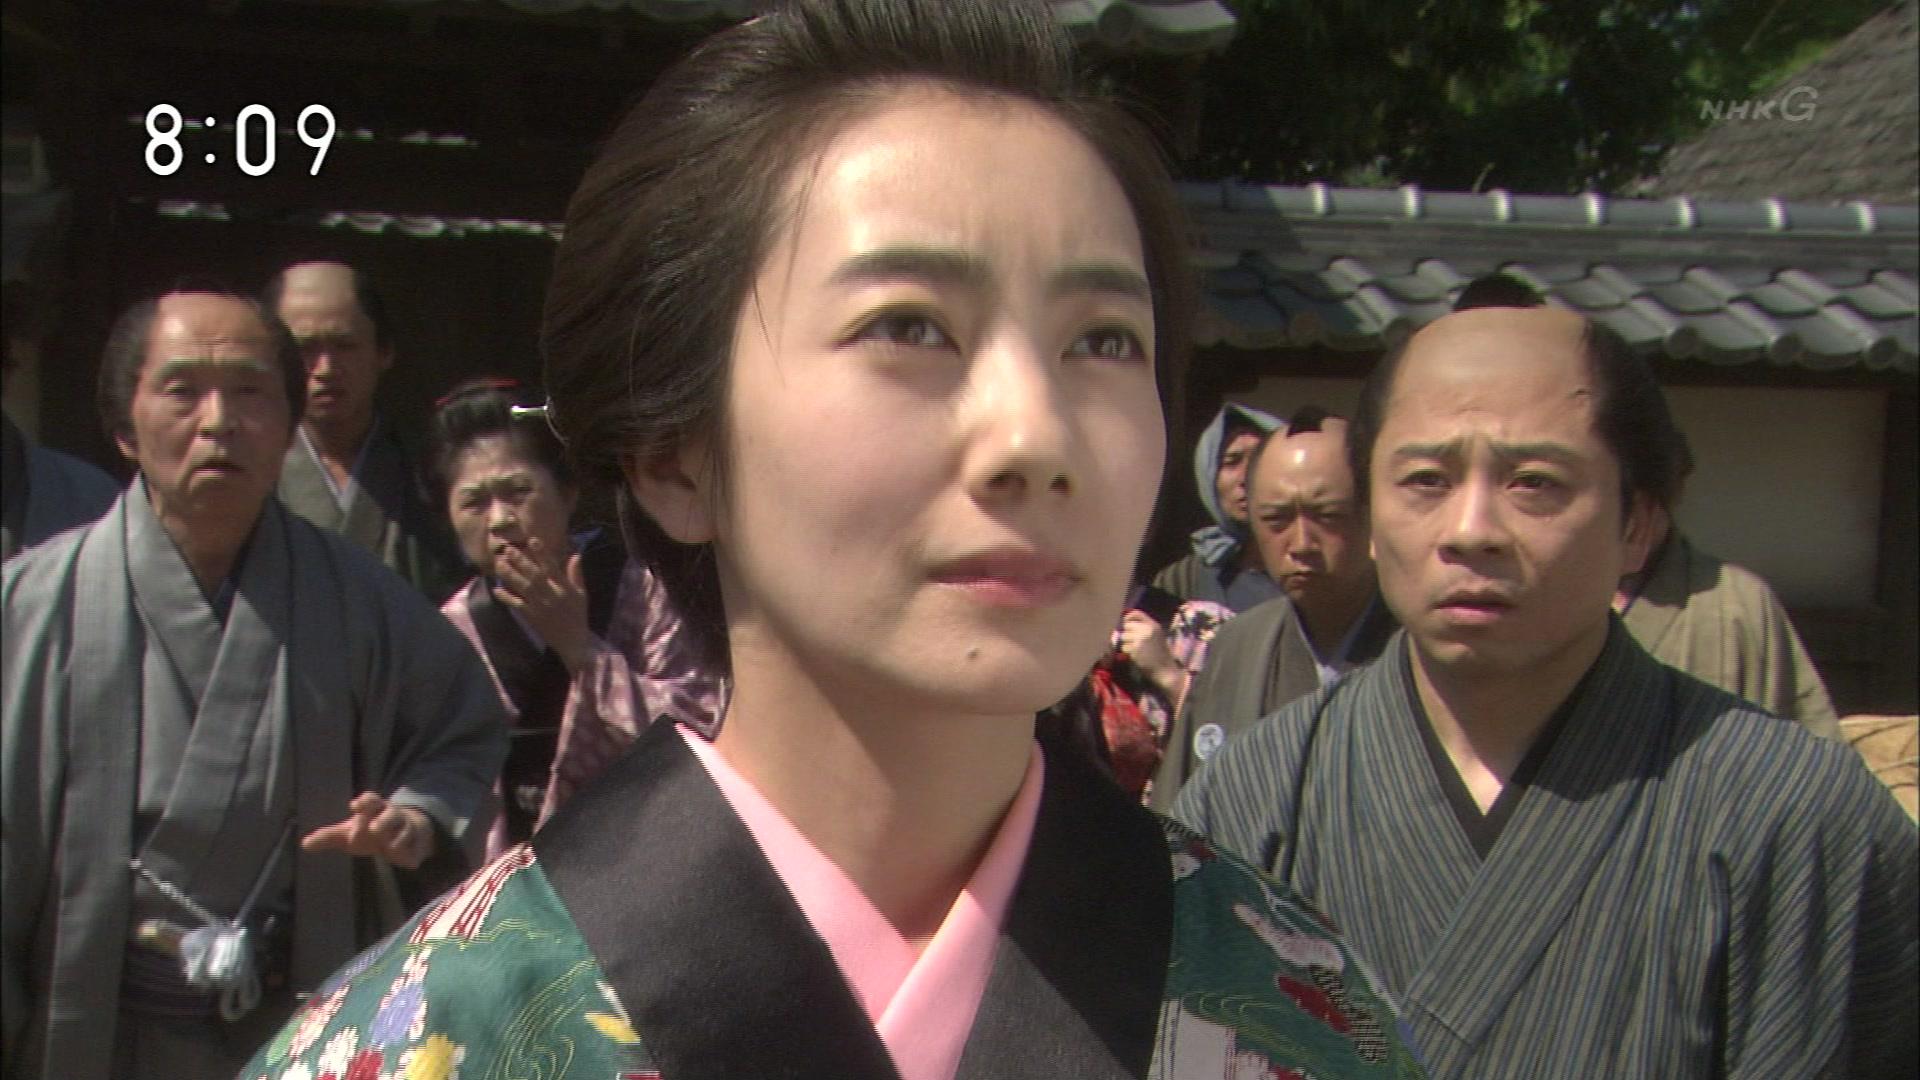 2015-10-20 08:00 連続テレビ小説 あさが来た(20)「若奥さんの底力」 1688